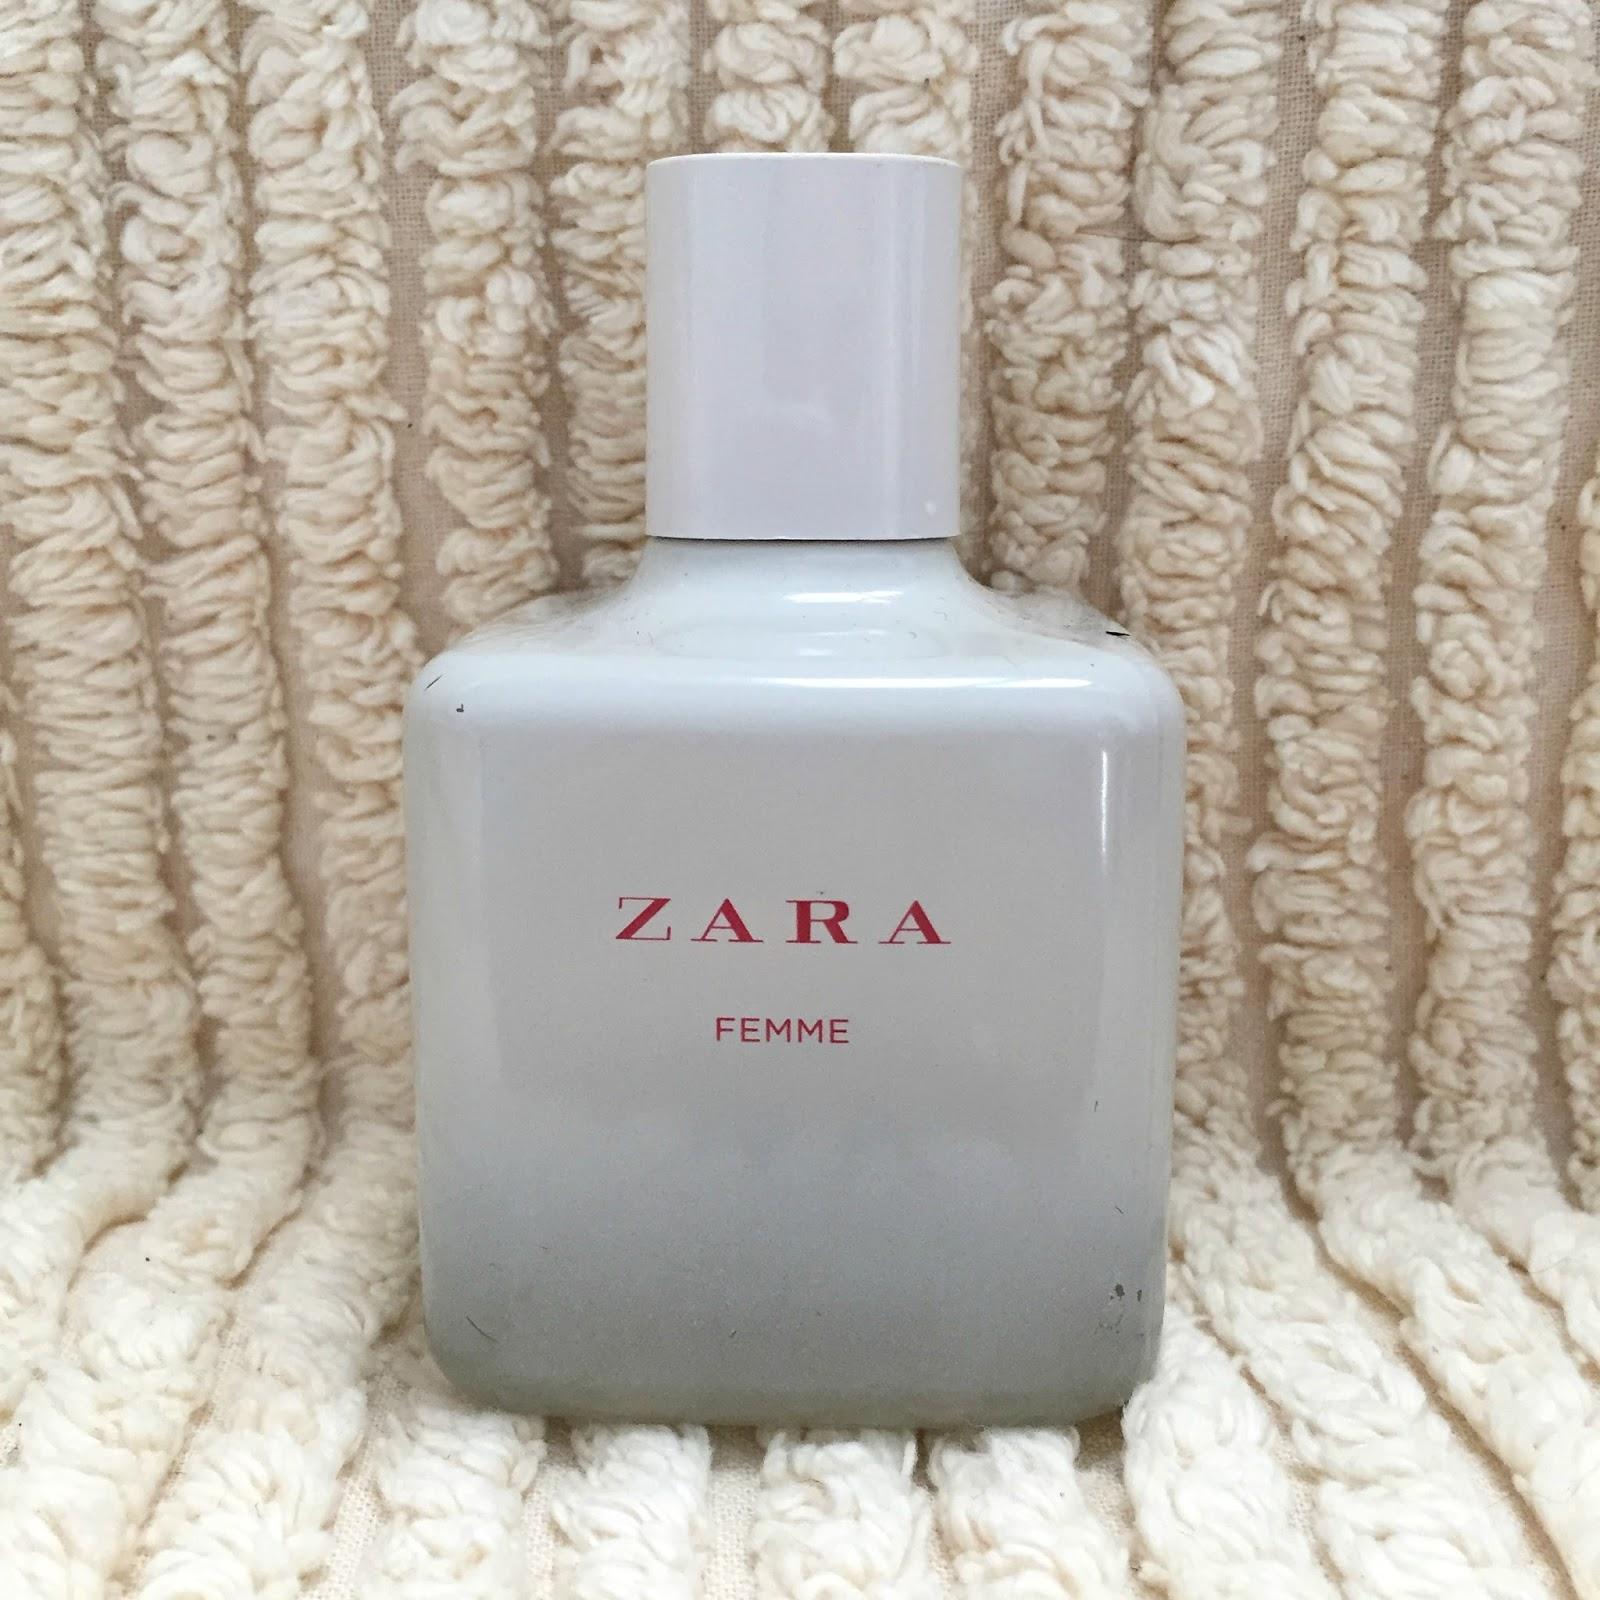 Zara Femme de Zara est un parfum Chypré Floral pour femme. Zara Femme a été  lancé en 2013. La note de tête est Bergamote  les notes de coeur sont  Pivoine et ... 41f844ba6fde